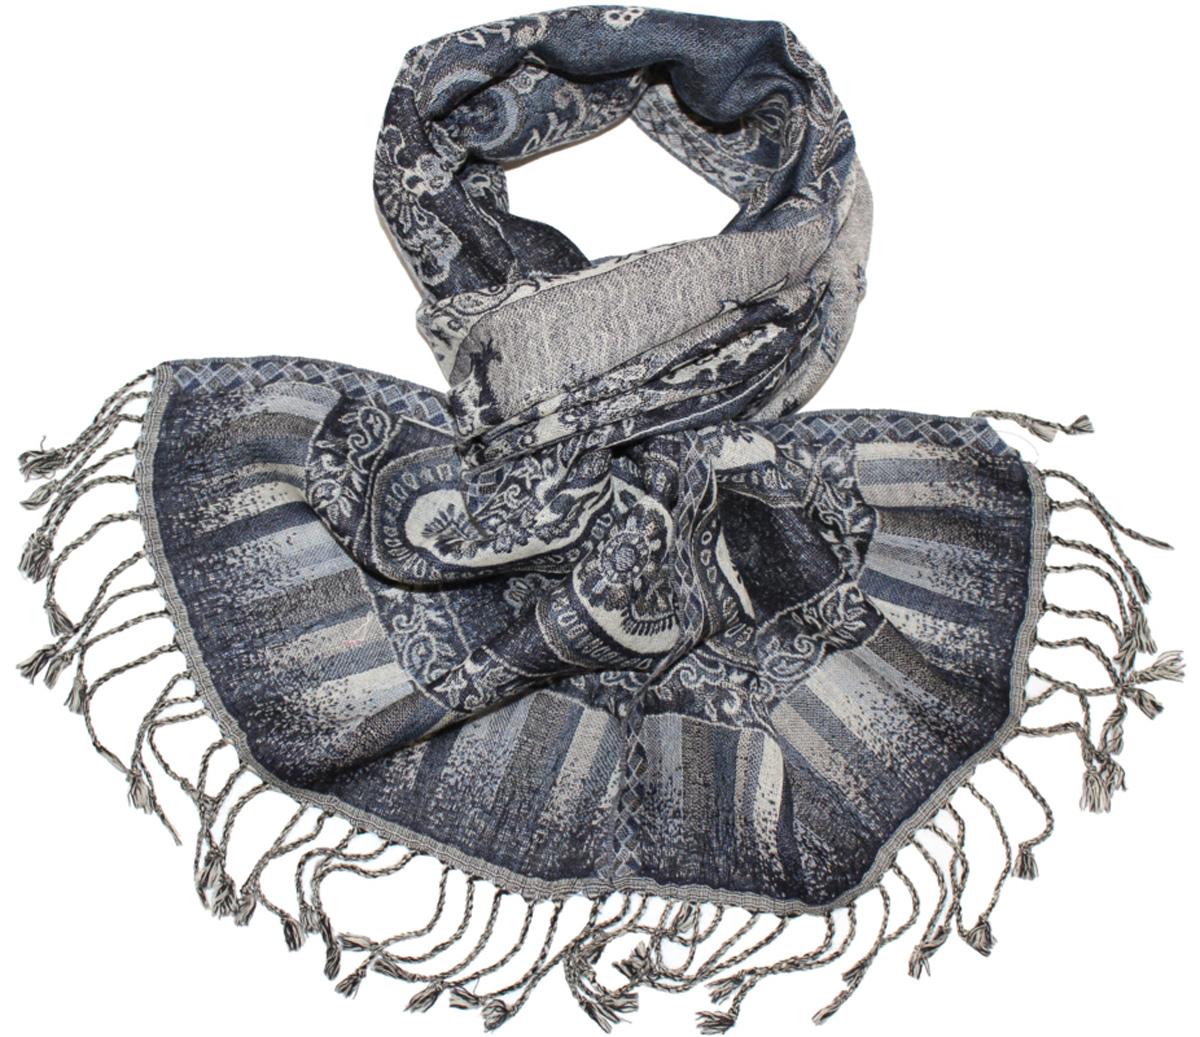 Шарф женский Ethnica, цвет: синий, серый. 013275а. Размер 30 см х 160 см013275аЖенский шарф Ethnica, изготовленный из 100% шерсти, подчеркнет вашу индивидуальность. Благодаря своему составу, он легкий, мягкий и приятный на ощупь. Изделие декорировано оригинальным принтом и дополнено кисточками.Такой аксессуар станет стильным дополнением к гардеробу современной женщины.